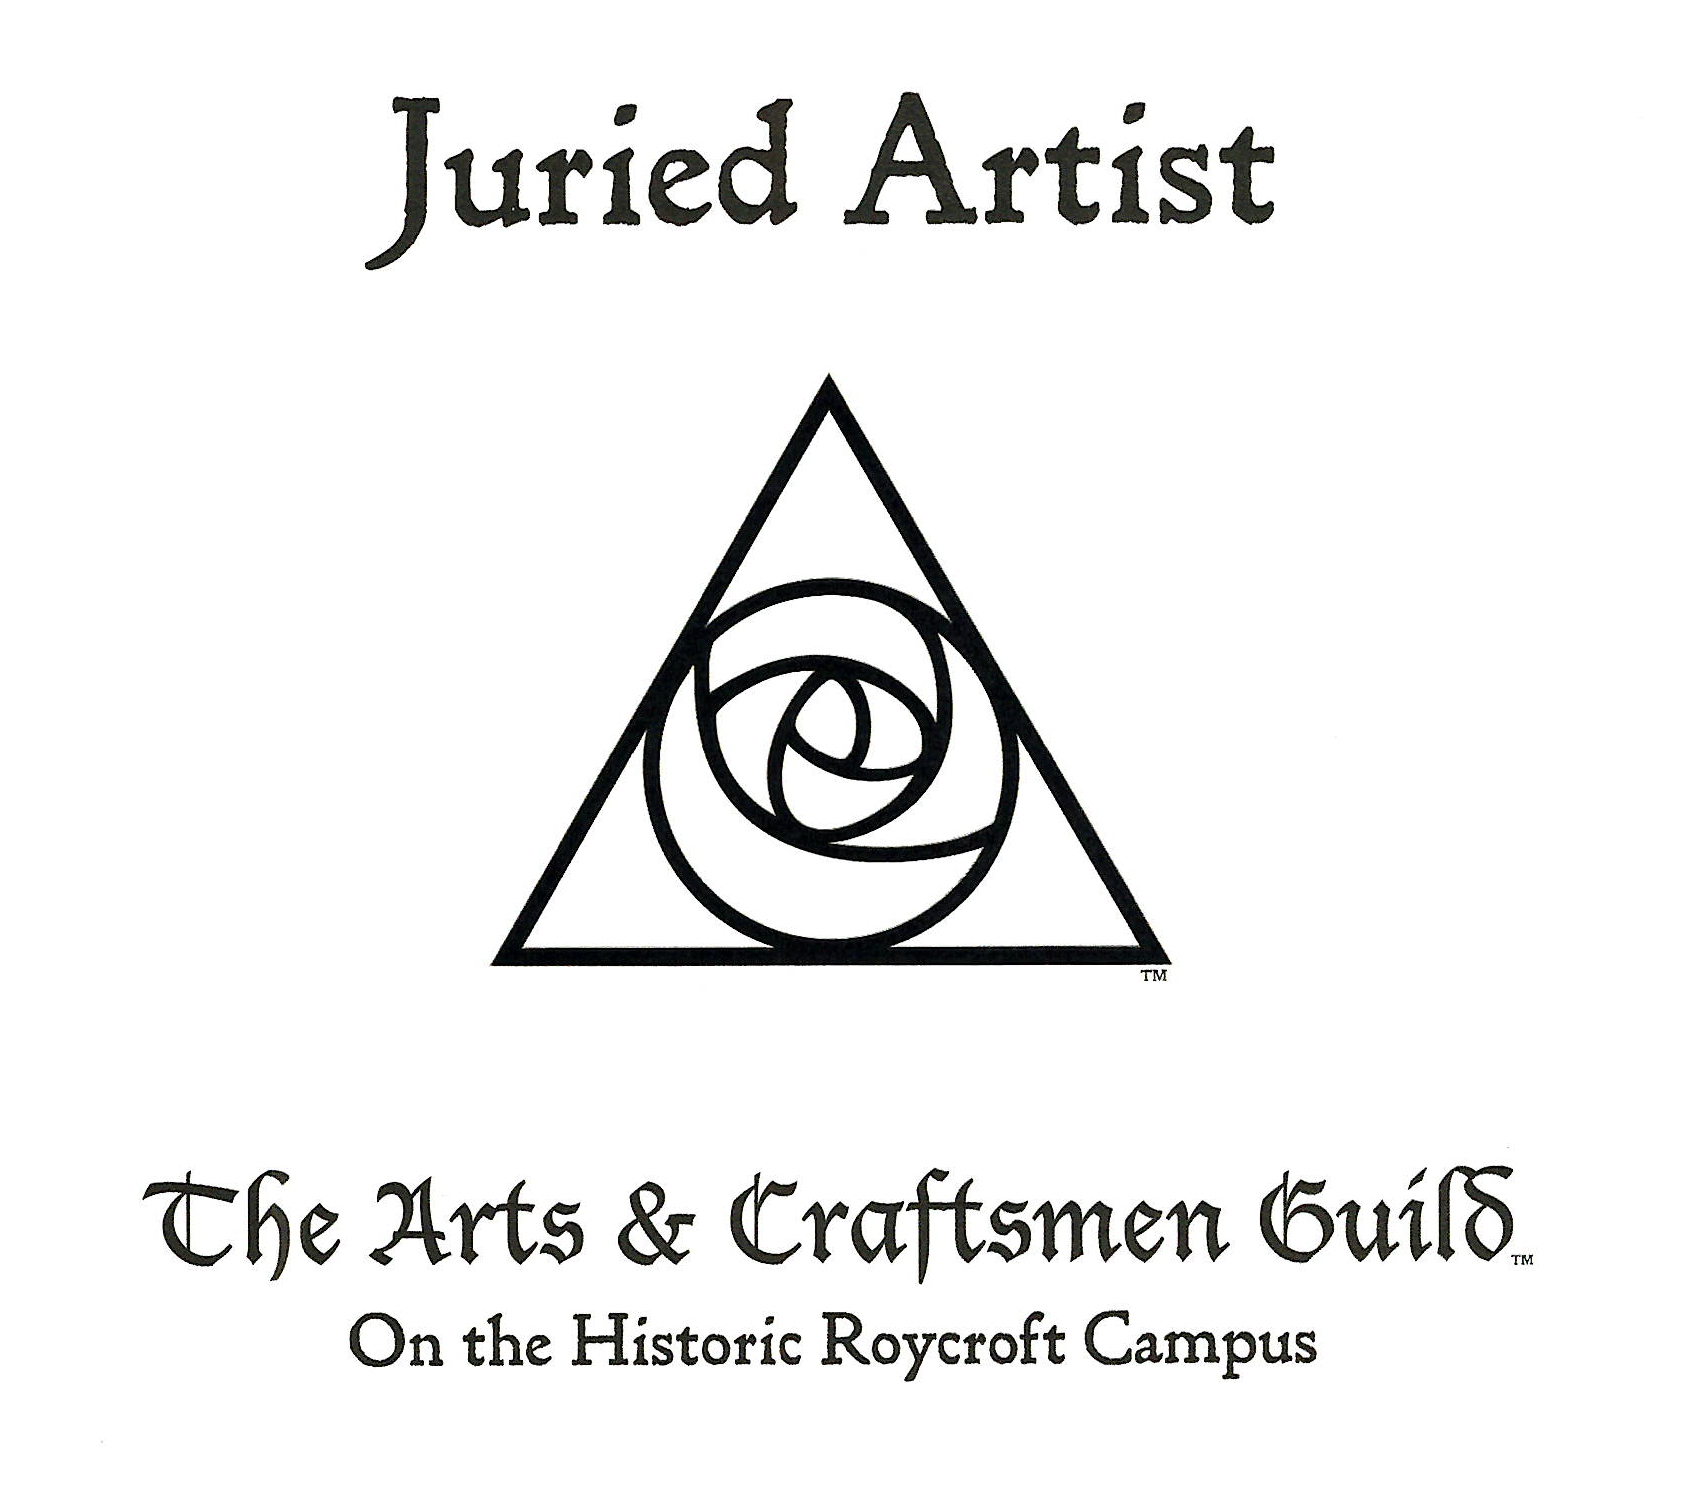 Arts & Craftsmen Guild  - Current Juried Artisan